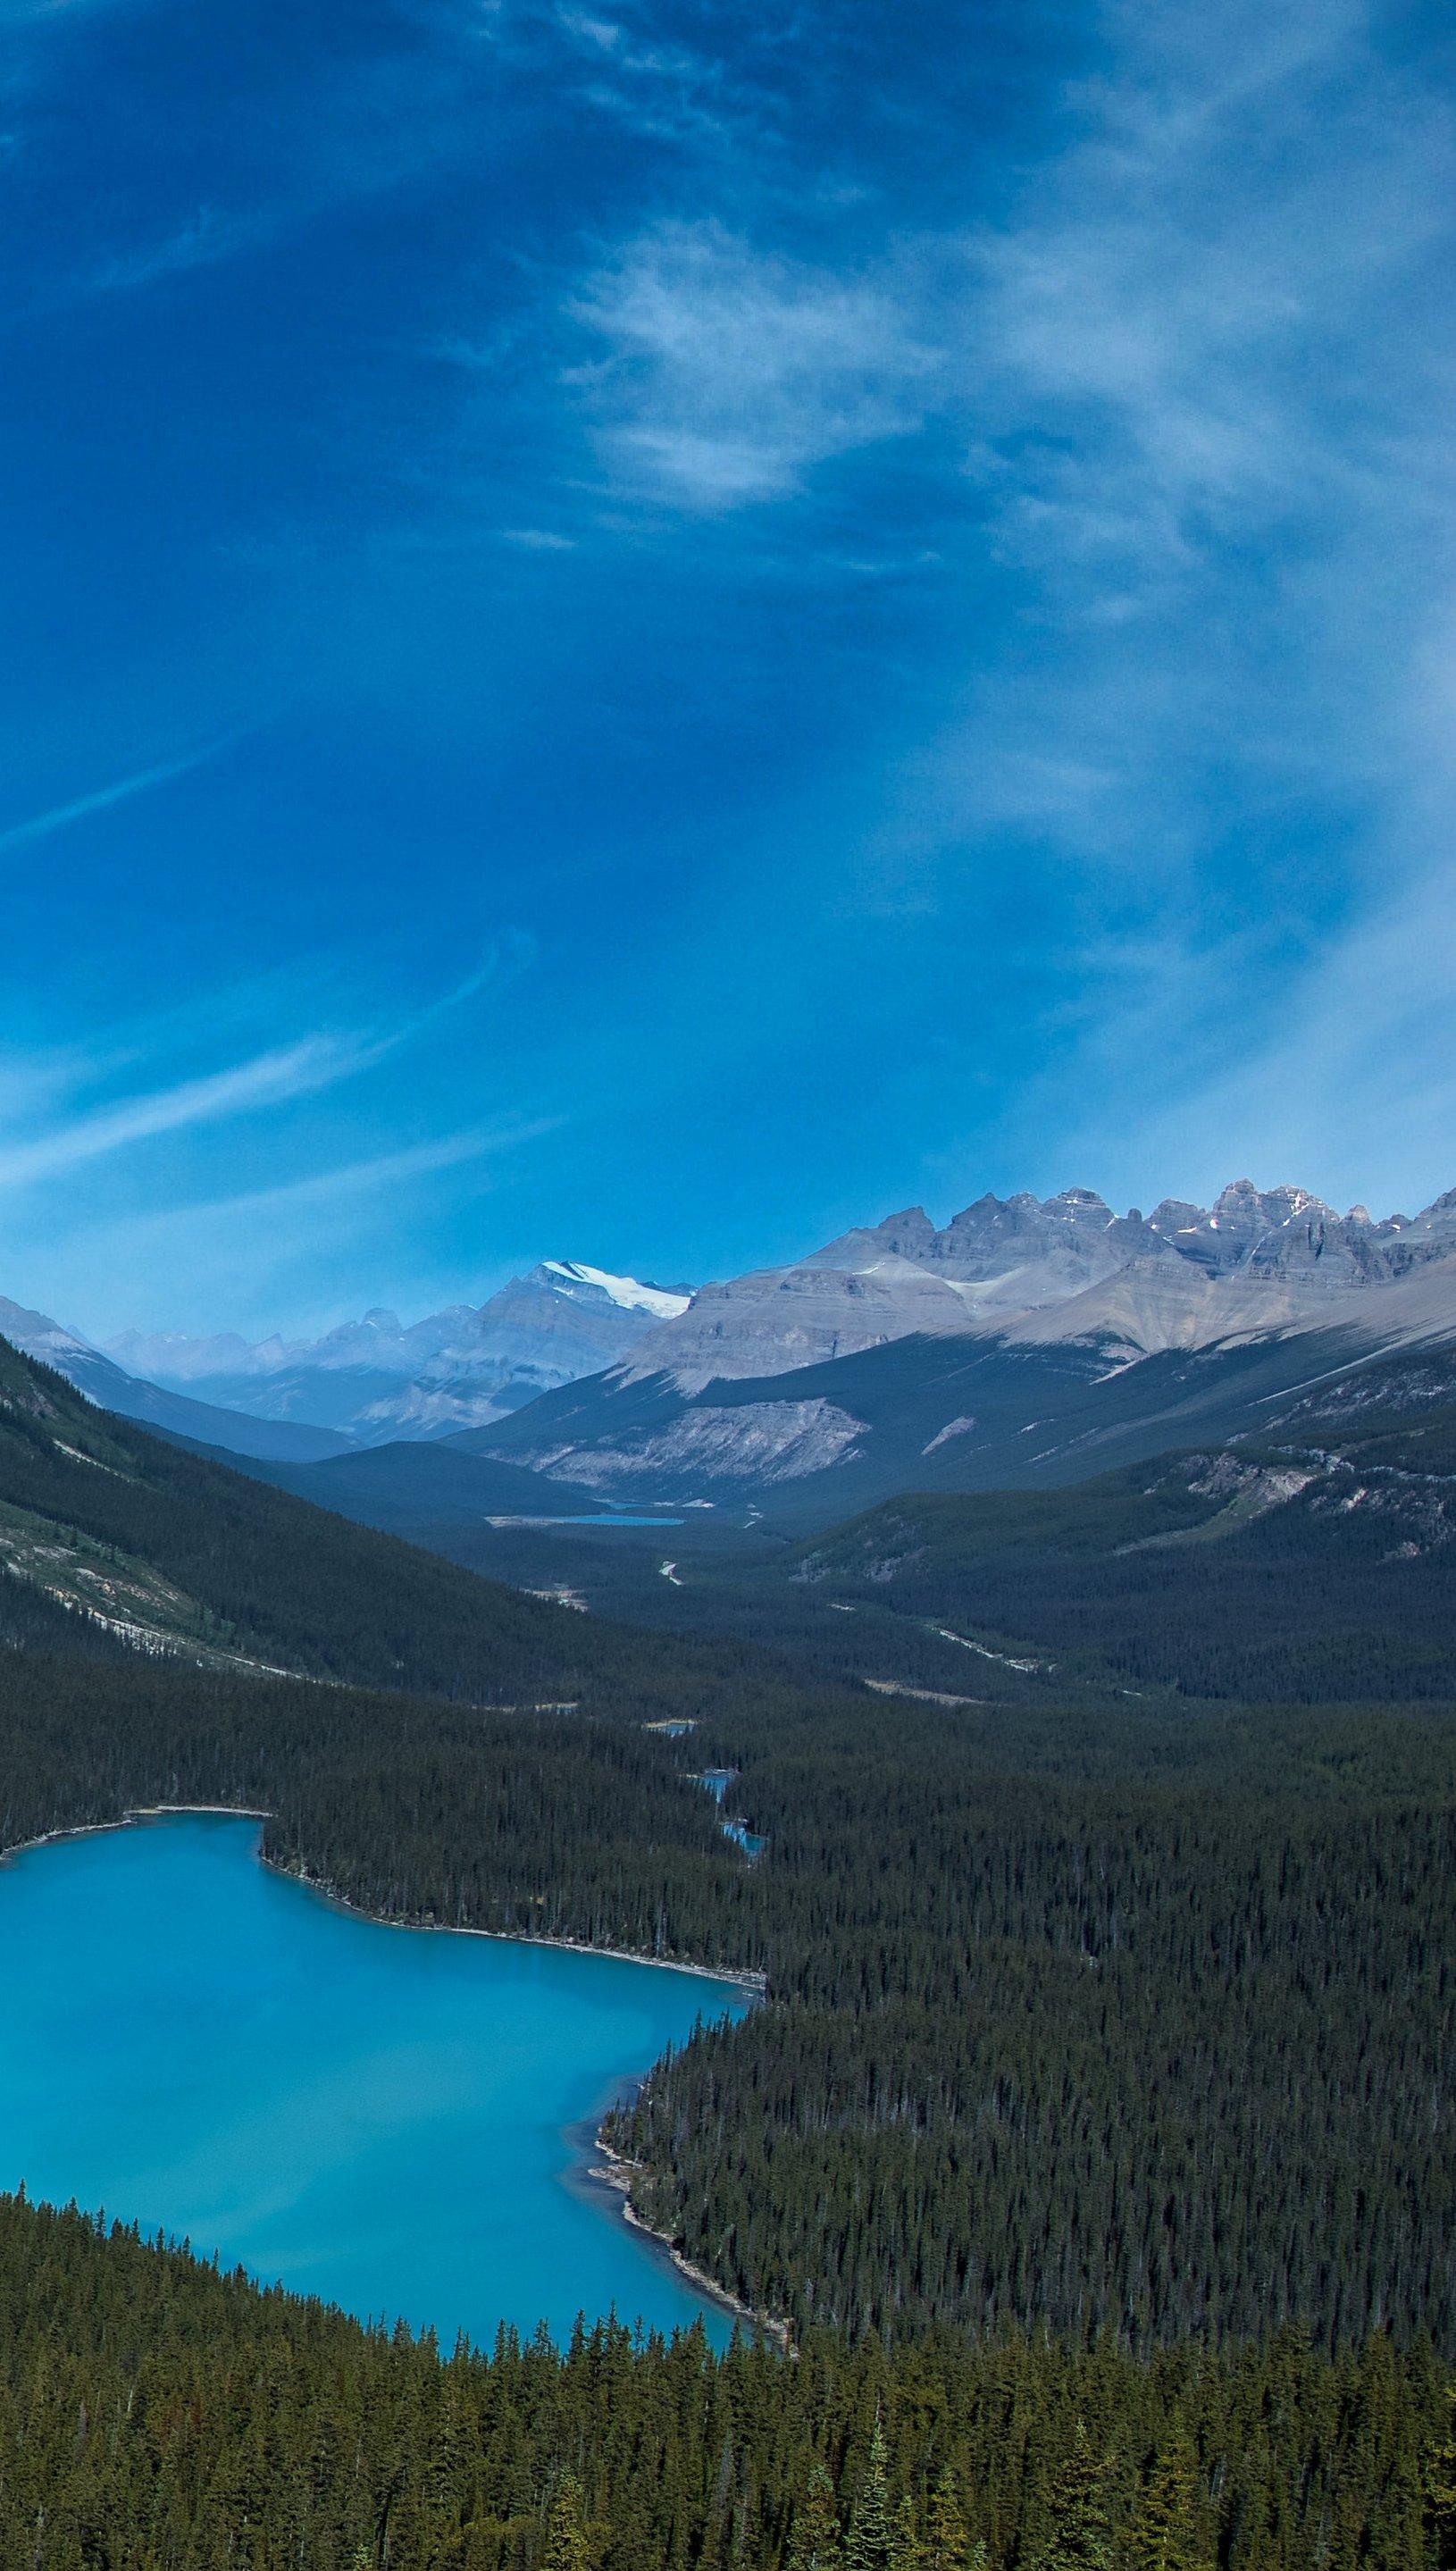 Fondos de pantalla Parque Nacional Banff en Canada Vertical